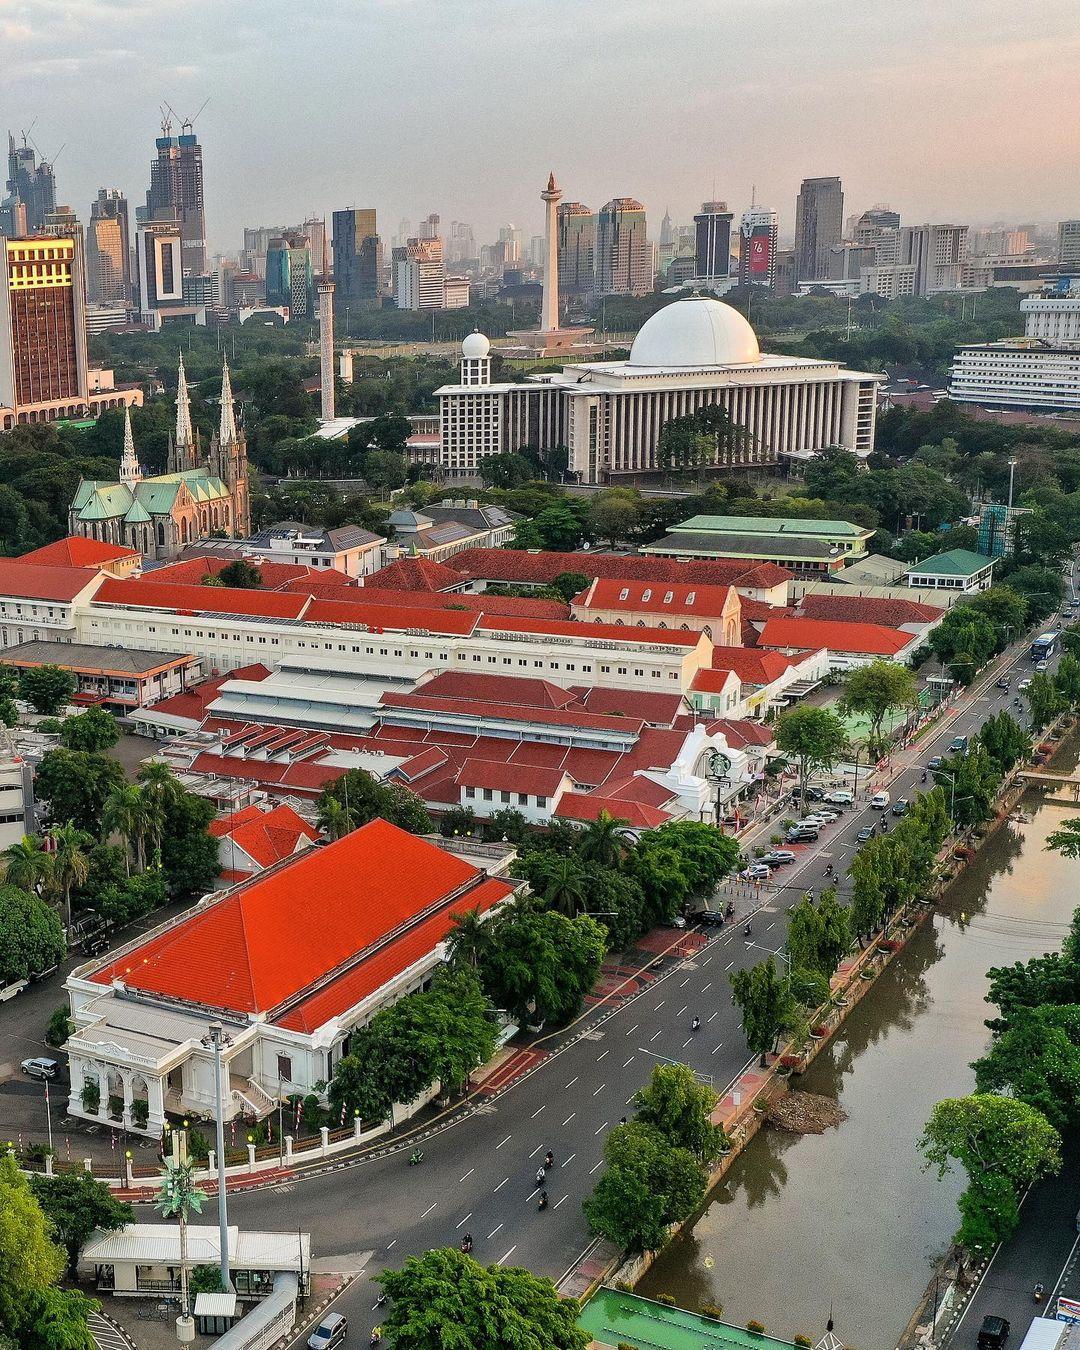 Pos Bloc Jakarta Dilihat Dari Atas Image From @andrearrasuli